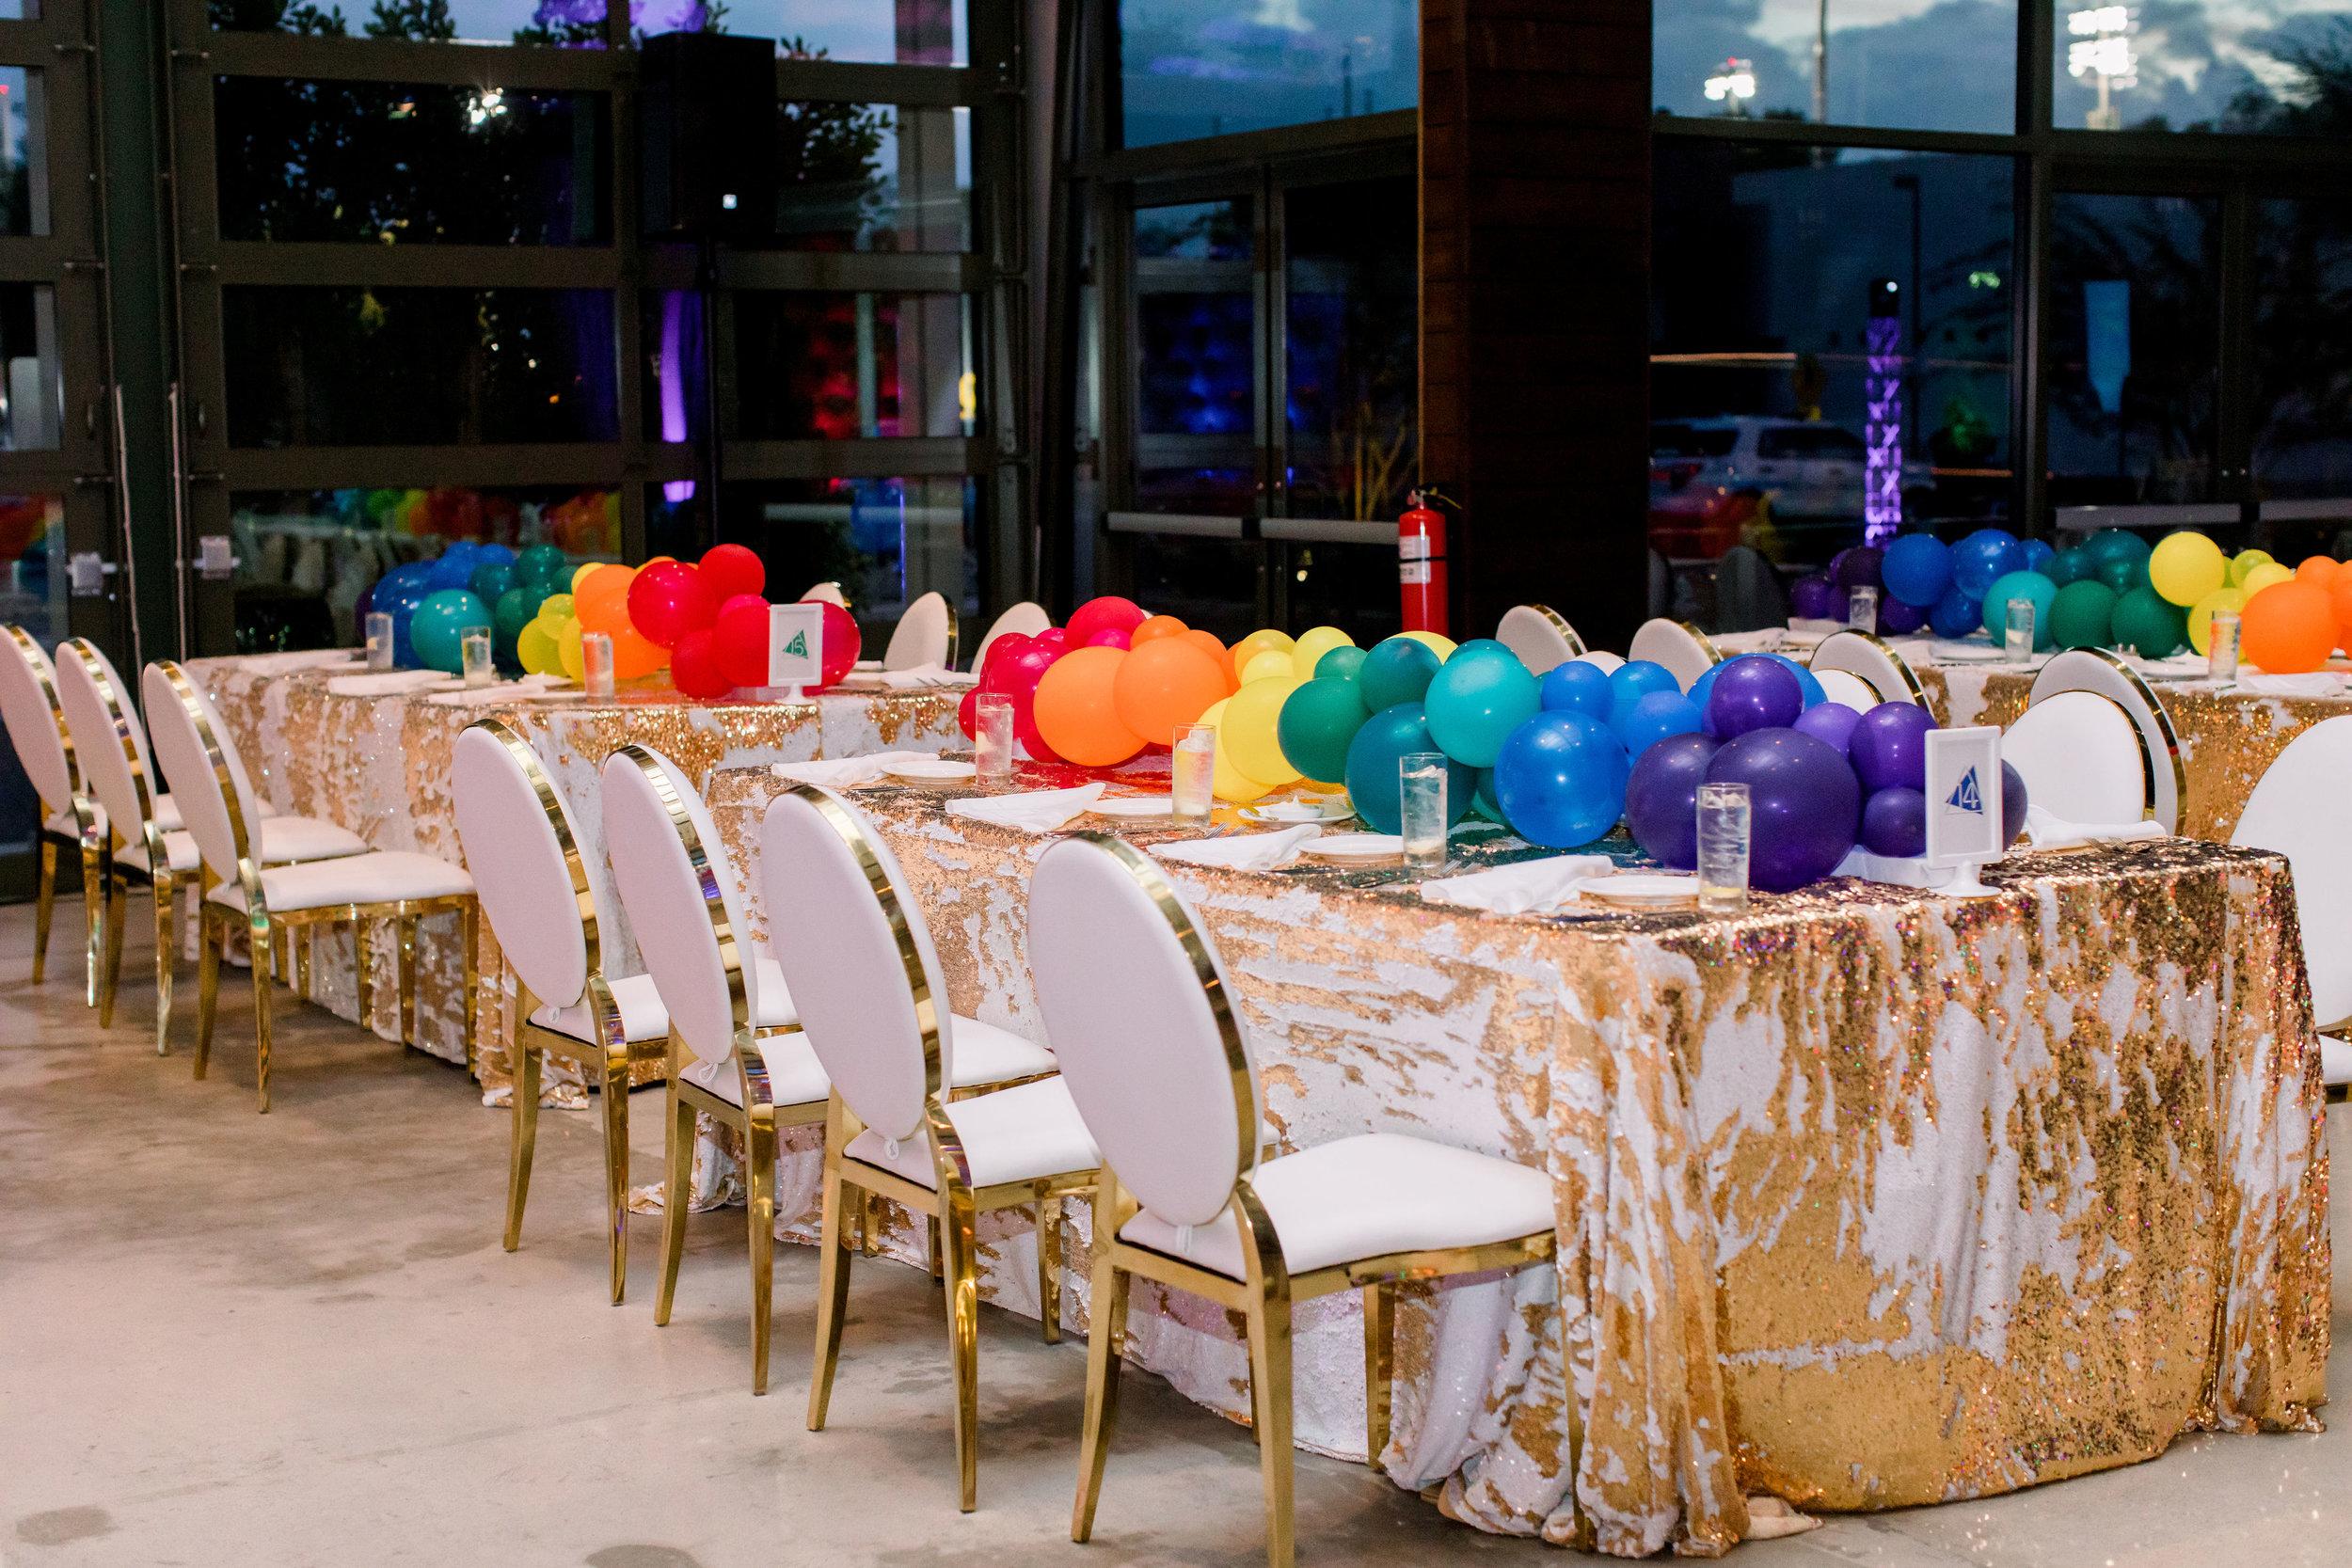 27 party dinner table rainbow balloon garland mermaid sequin table linen gold Life Design Events photos by Stephanie Heymann Photography.jpg